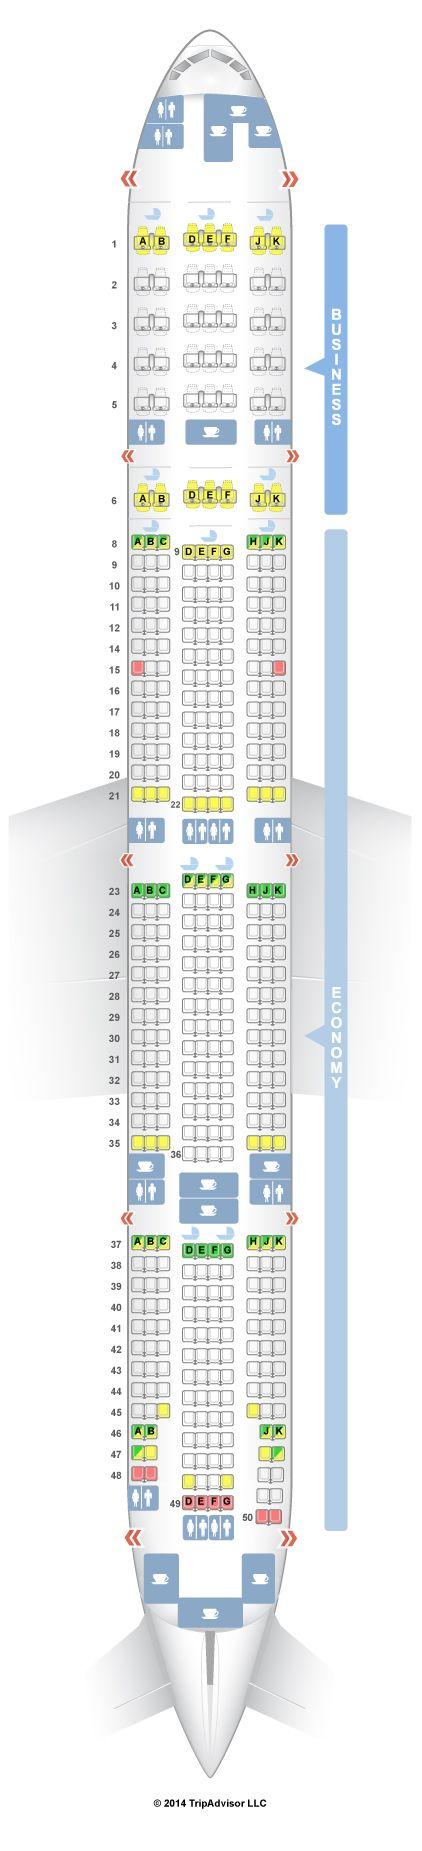 Boeing 777 300Er Seat Map SeatGuru Seat Map Emirates Boeing 777 300ER (77W) Two Class  Boeing 777 300Er Seat Map